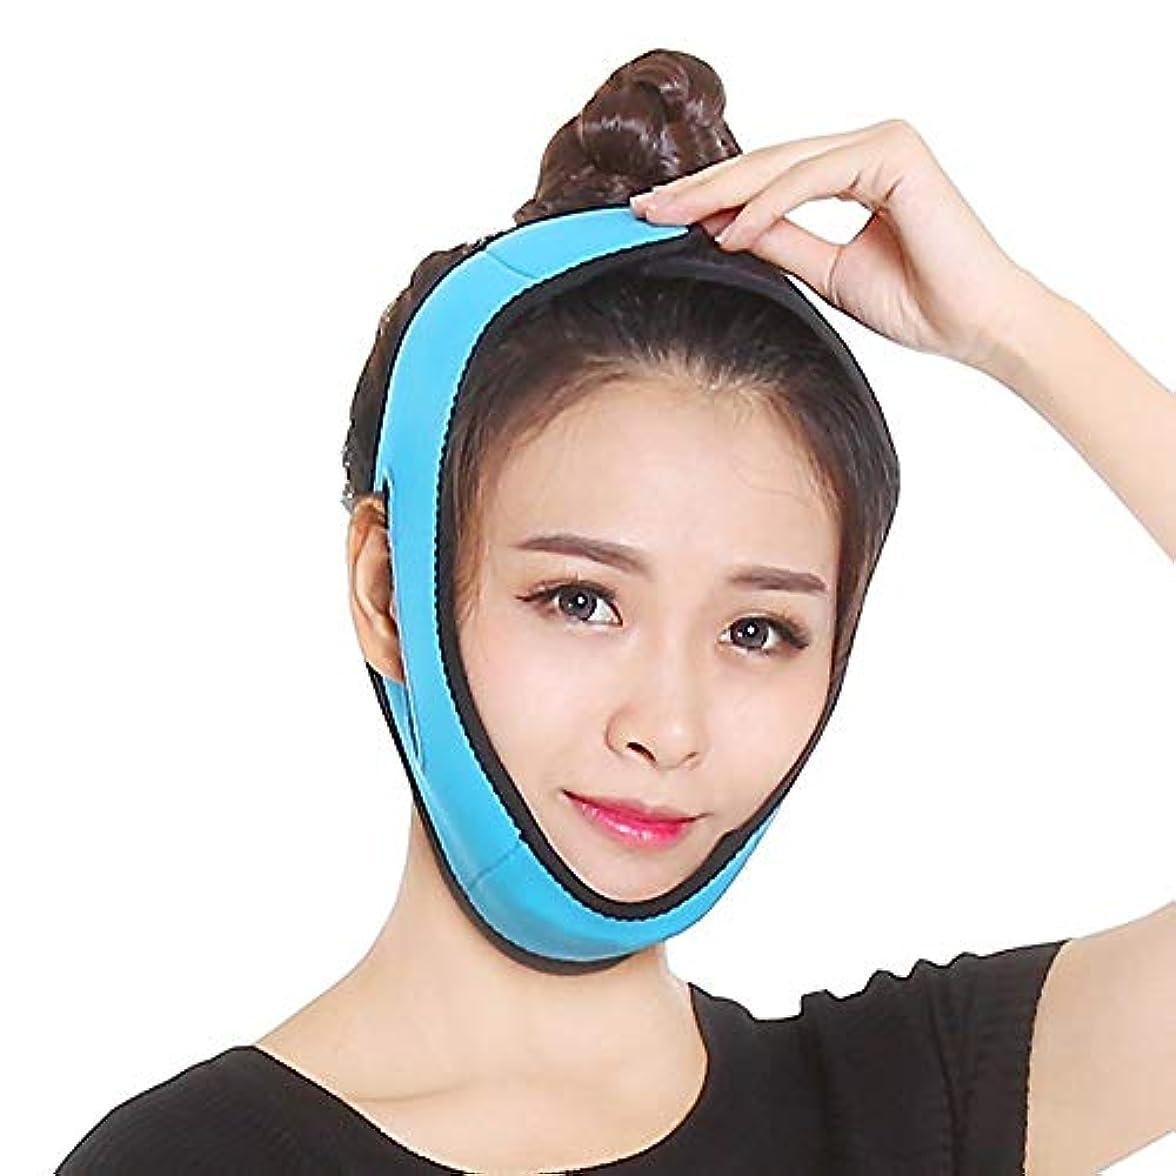 薄い顔のベルト - 薄い顔のツール薄い顔のベルト通気性のラテックスのマッサージV型の顔のアーティファクトの顔の薄いマスク